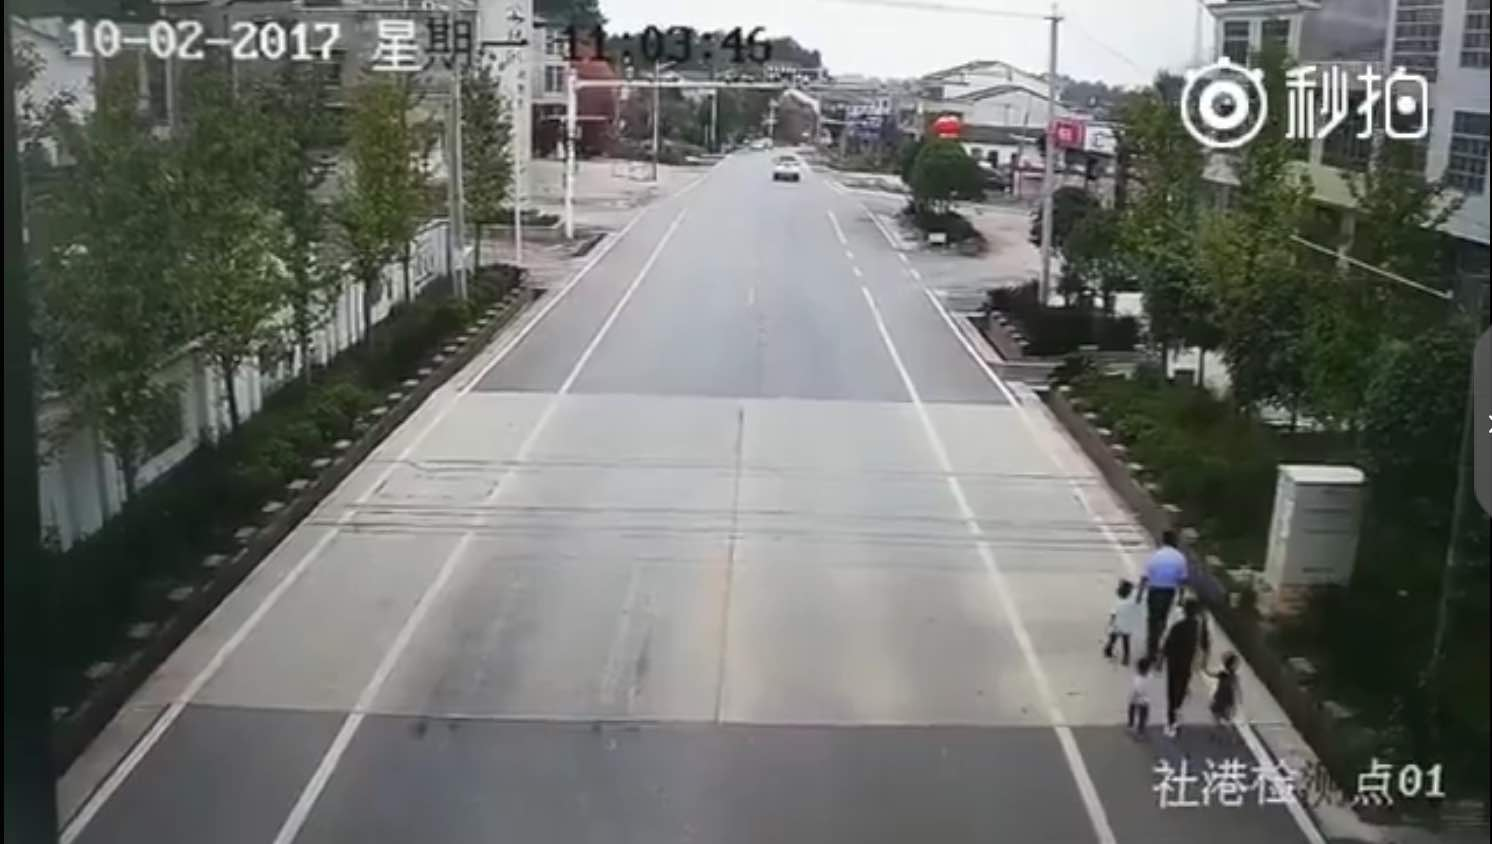 【立此存照】湖南一家人被卡车撞飞 vs 央视:长假尚未发生重大交通事故